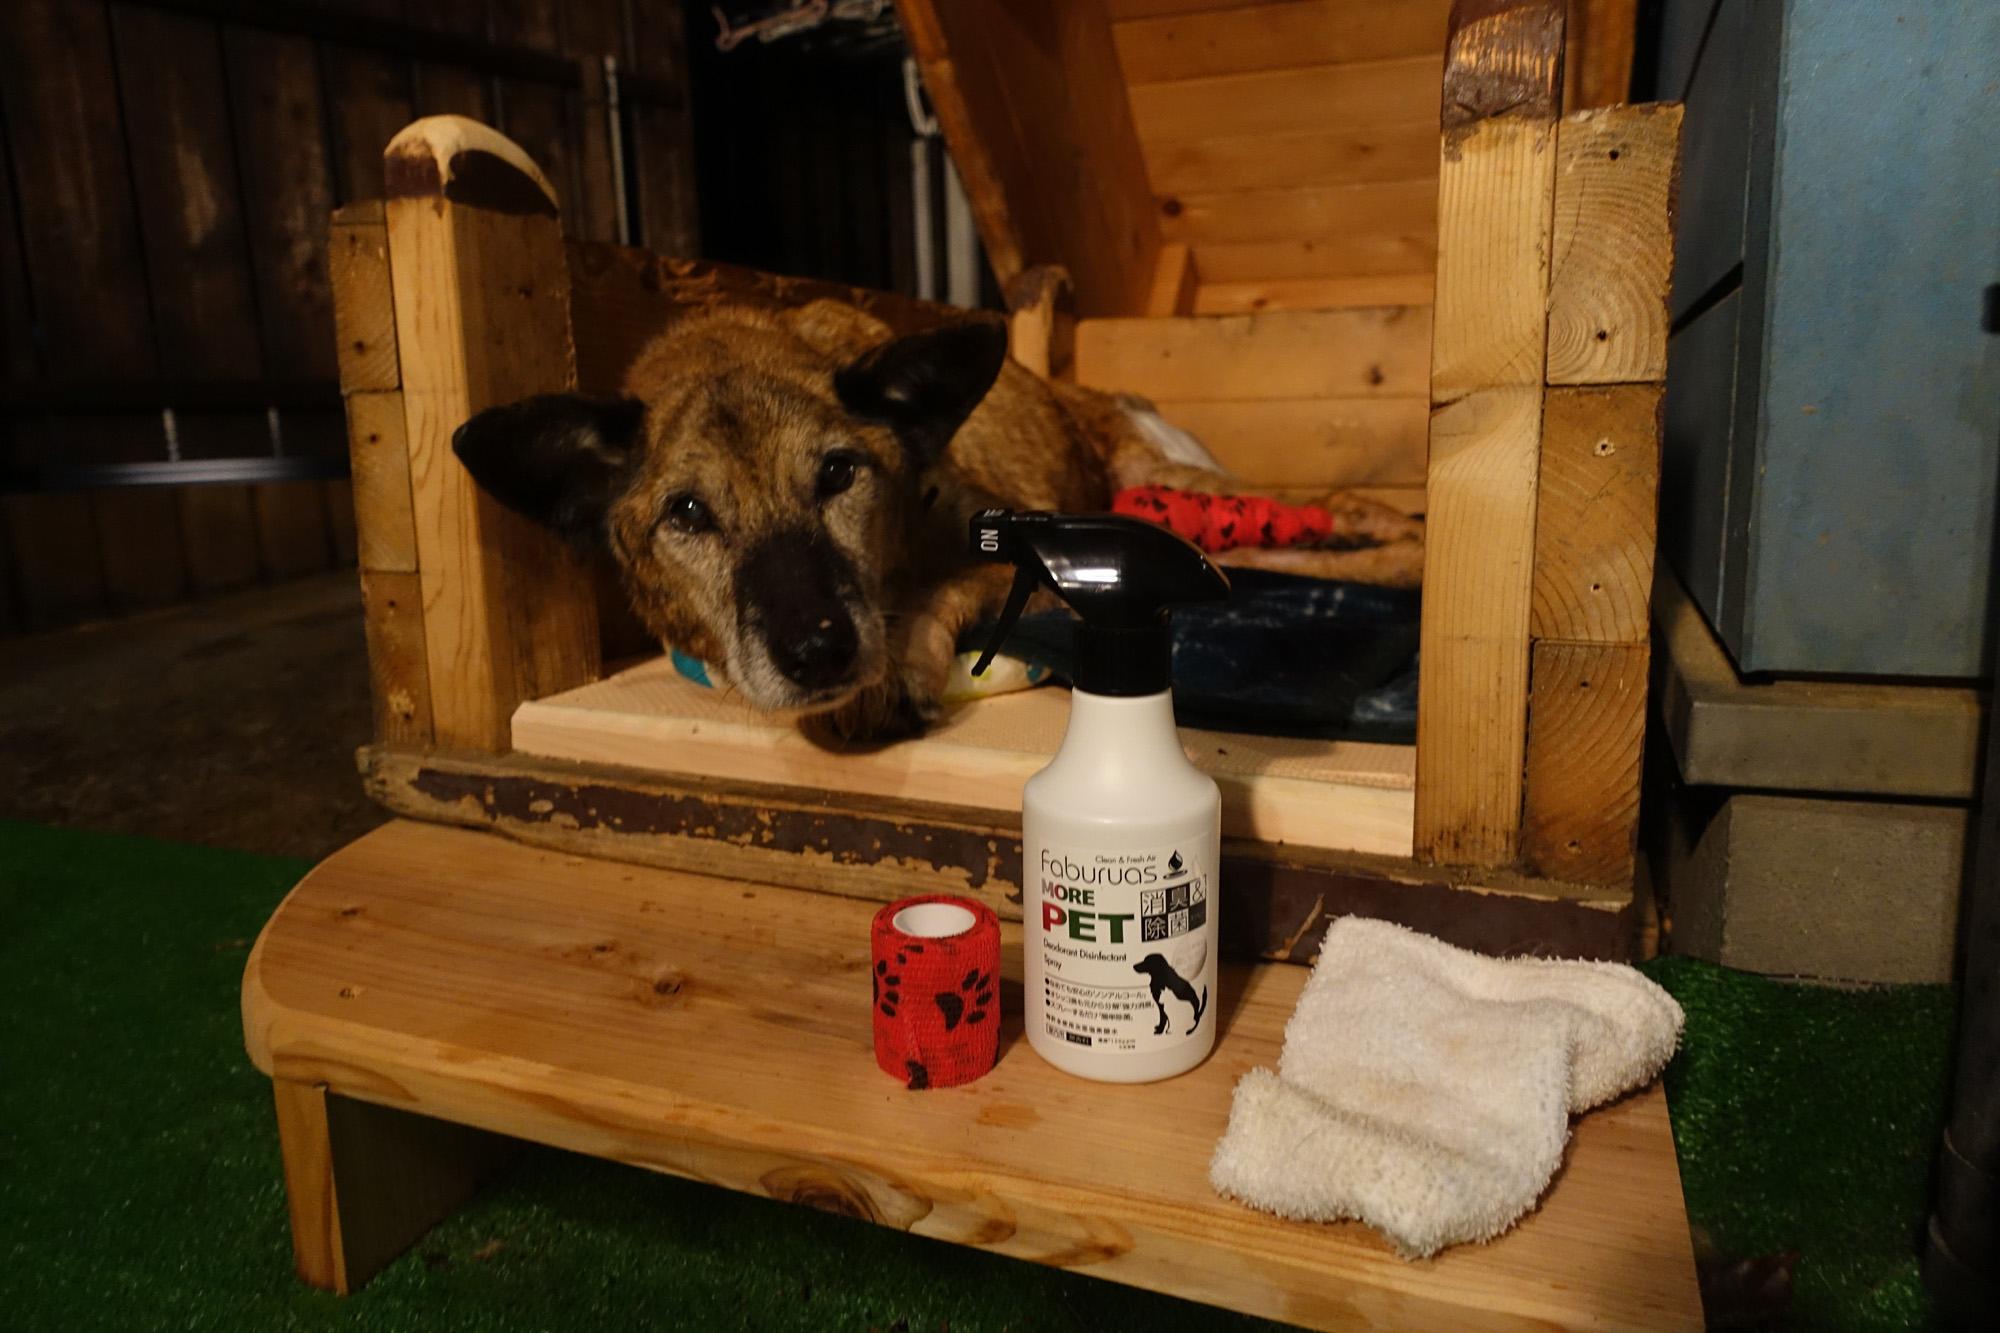 老犬介護用品  超微酸性次亜塩素酸水 faburuasファビュラス